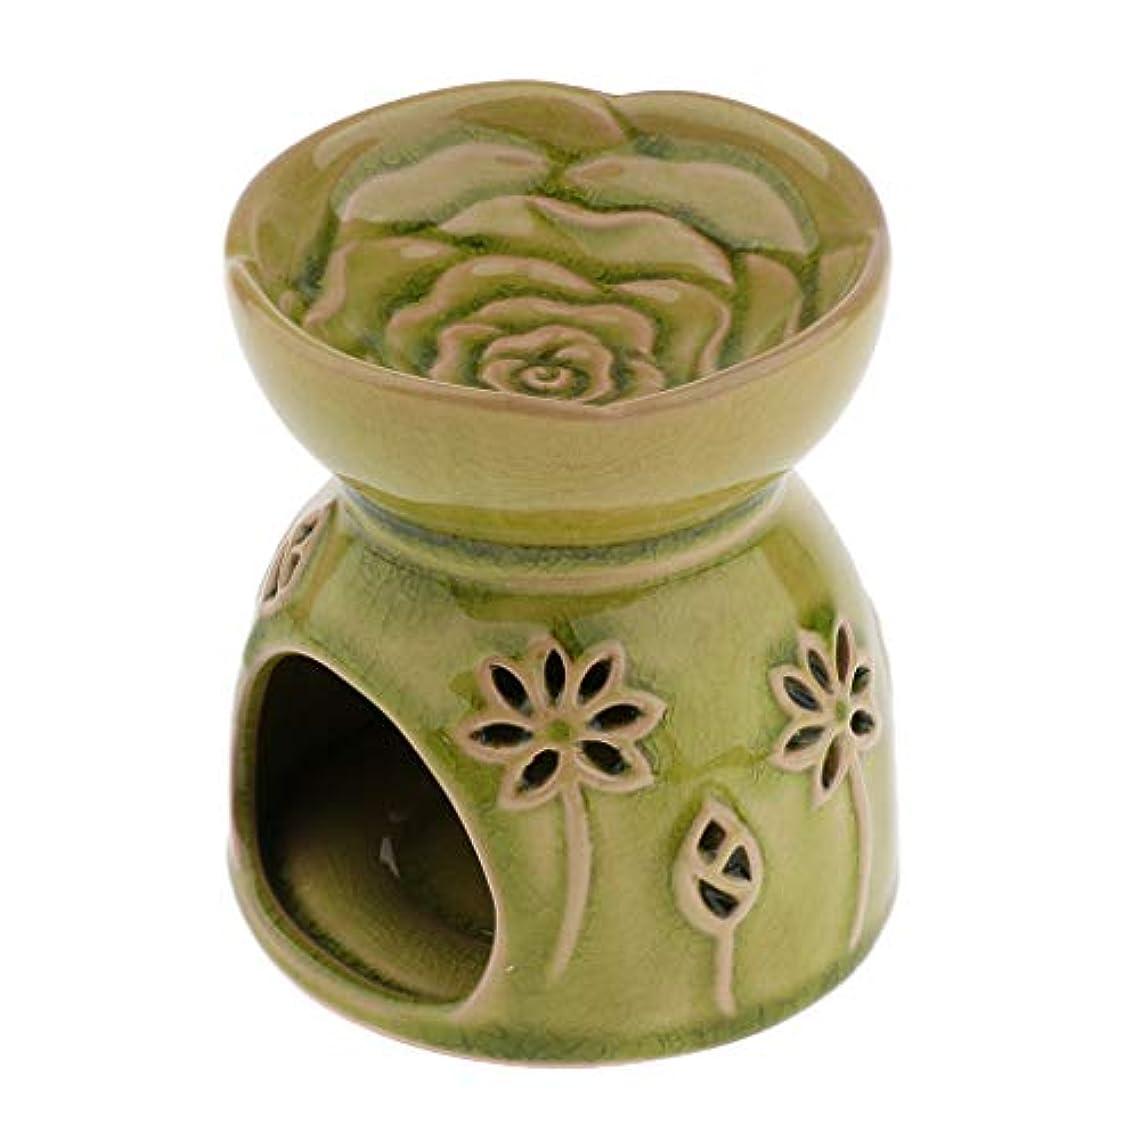 妊娠したスローガンとティームアロマ エッセンシャルオイル バーナー ディフューザー セラミック 装飾 置物 実用的 全2色 - 緑